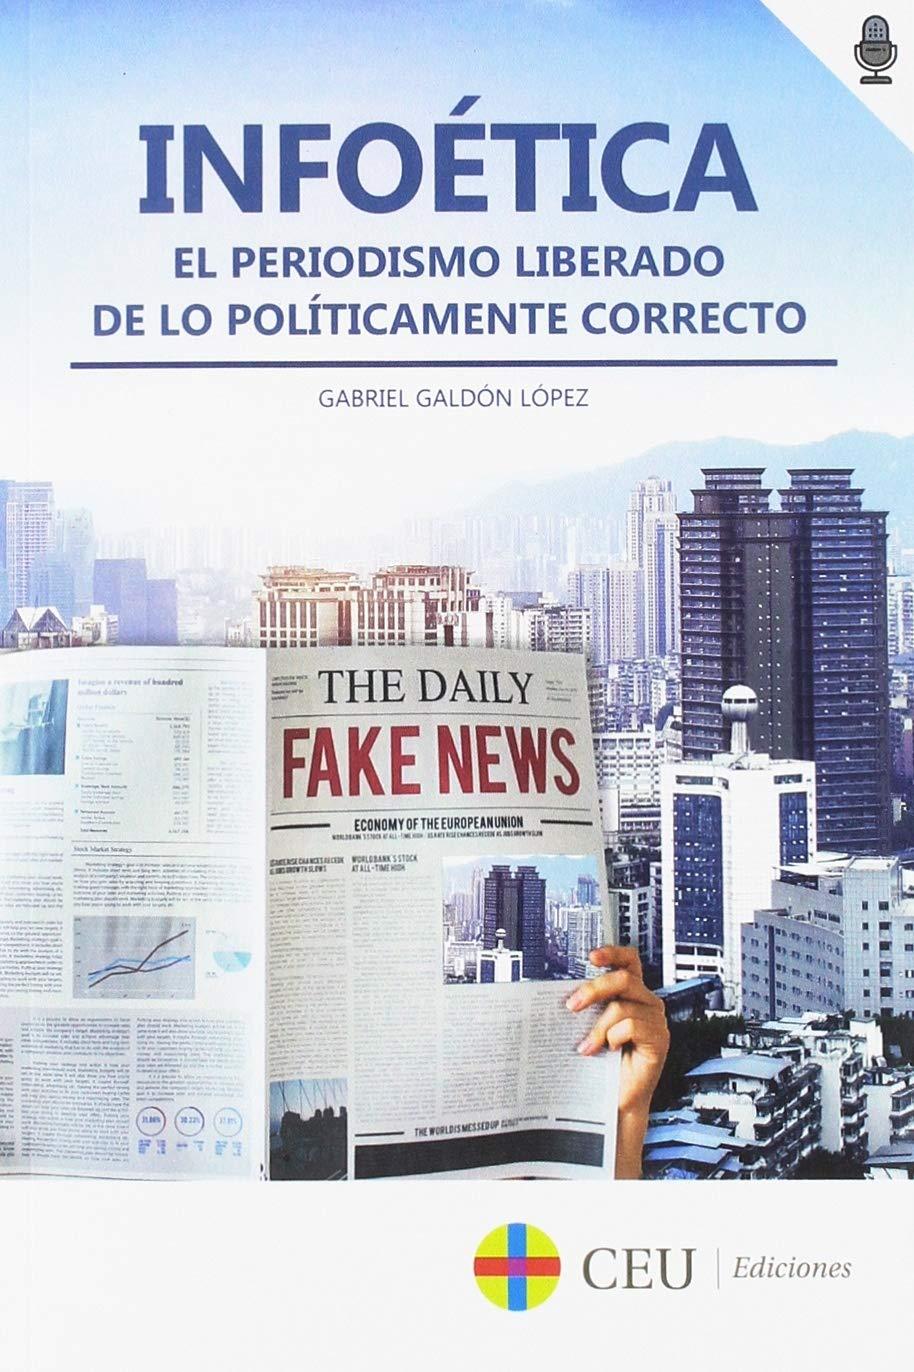 Infoética: El periodismo liberado de lo políticamente correcto